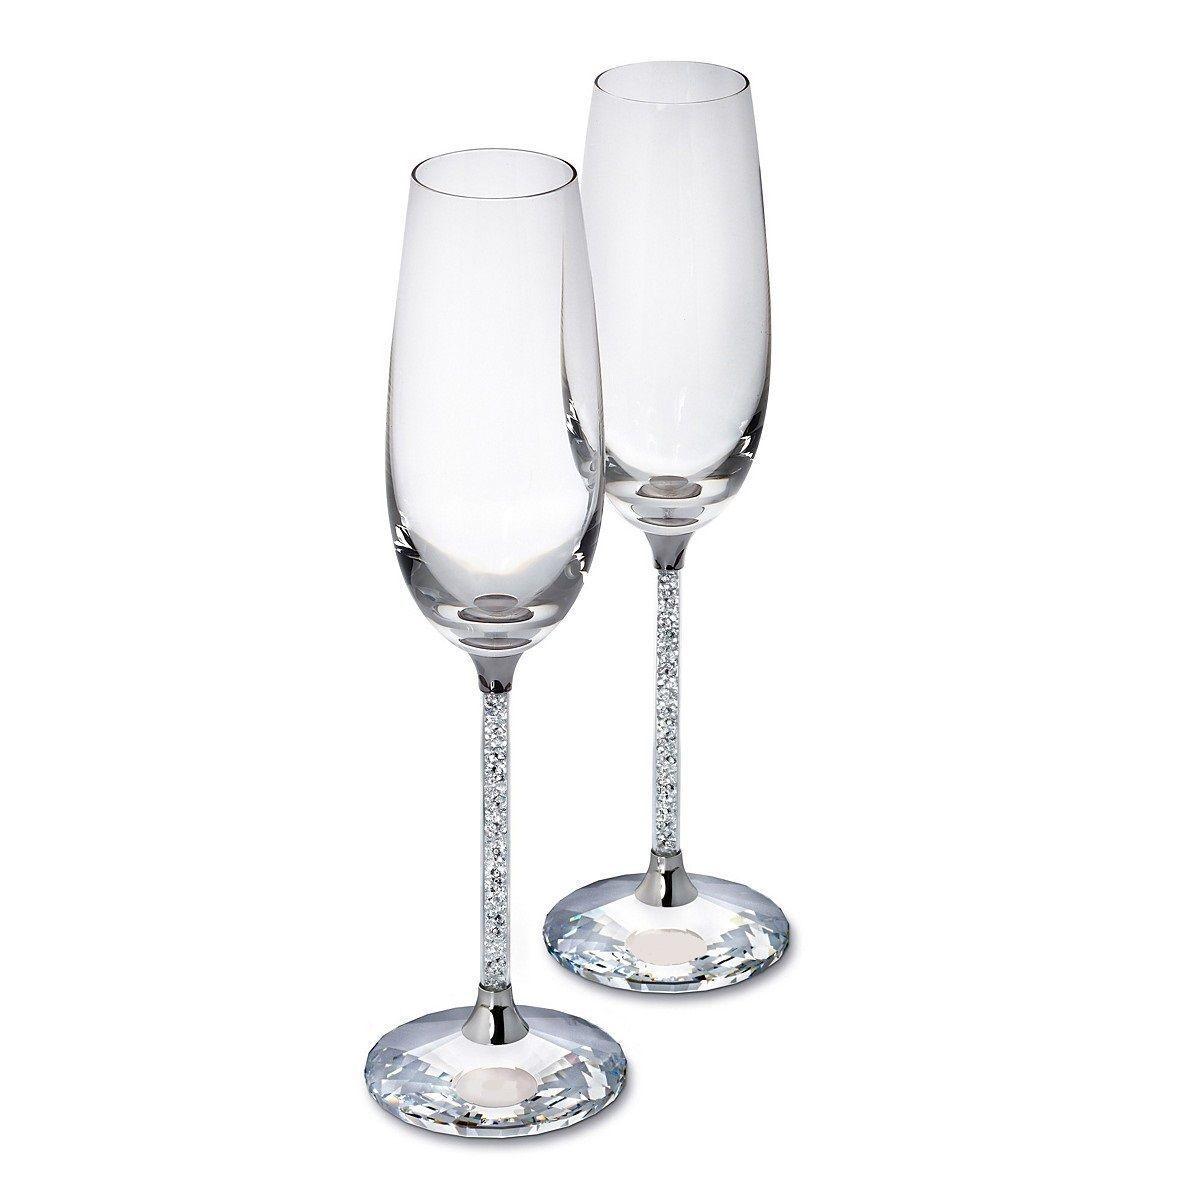 2 x riempito di cristallo Champagne flauti anniversario MATRIMONIO Natale Xmas